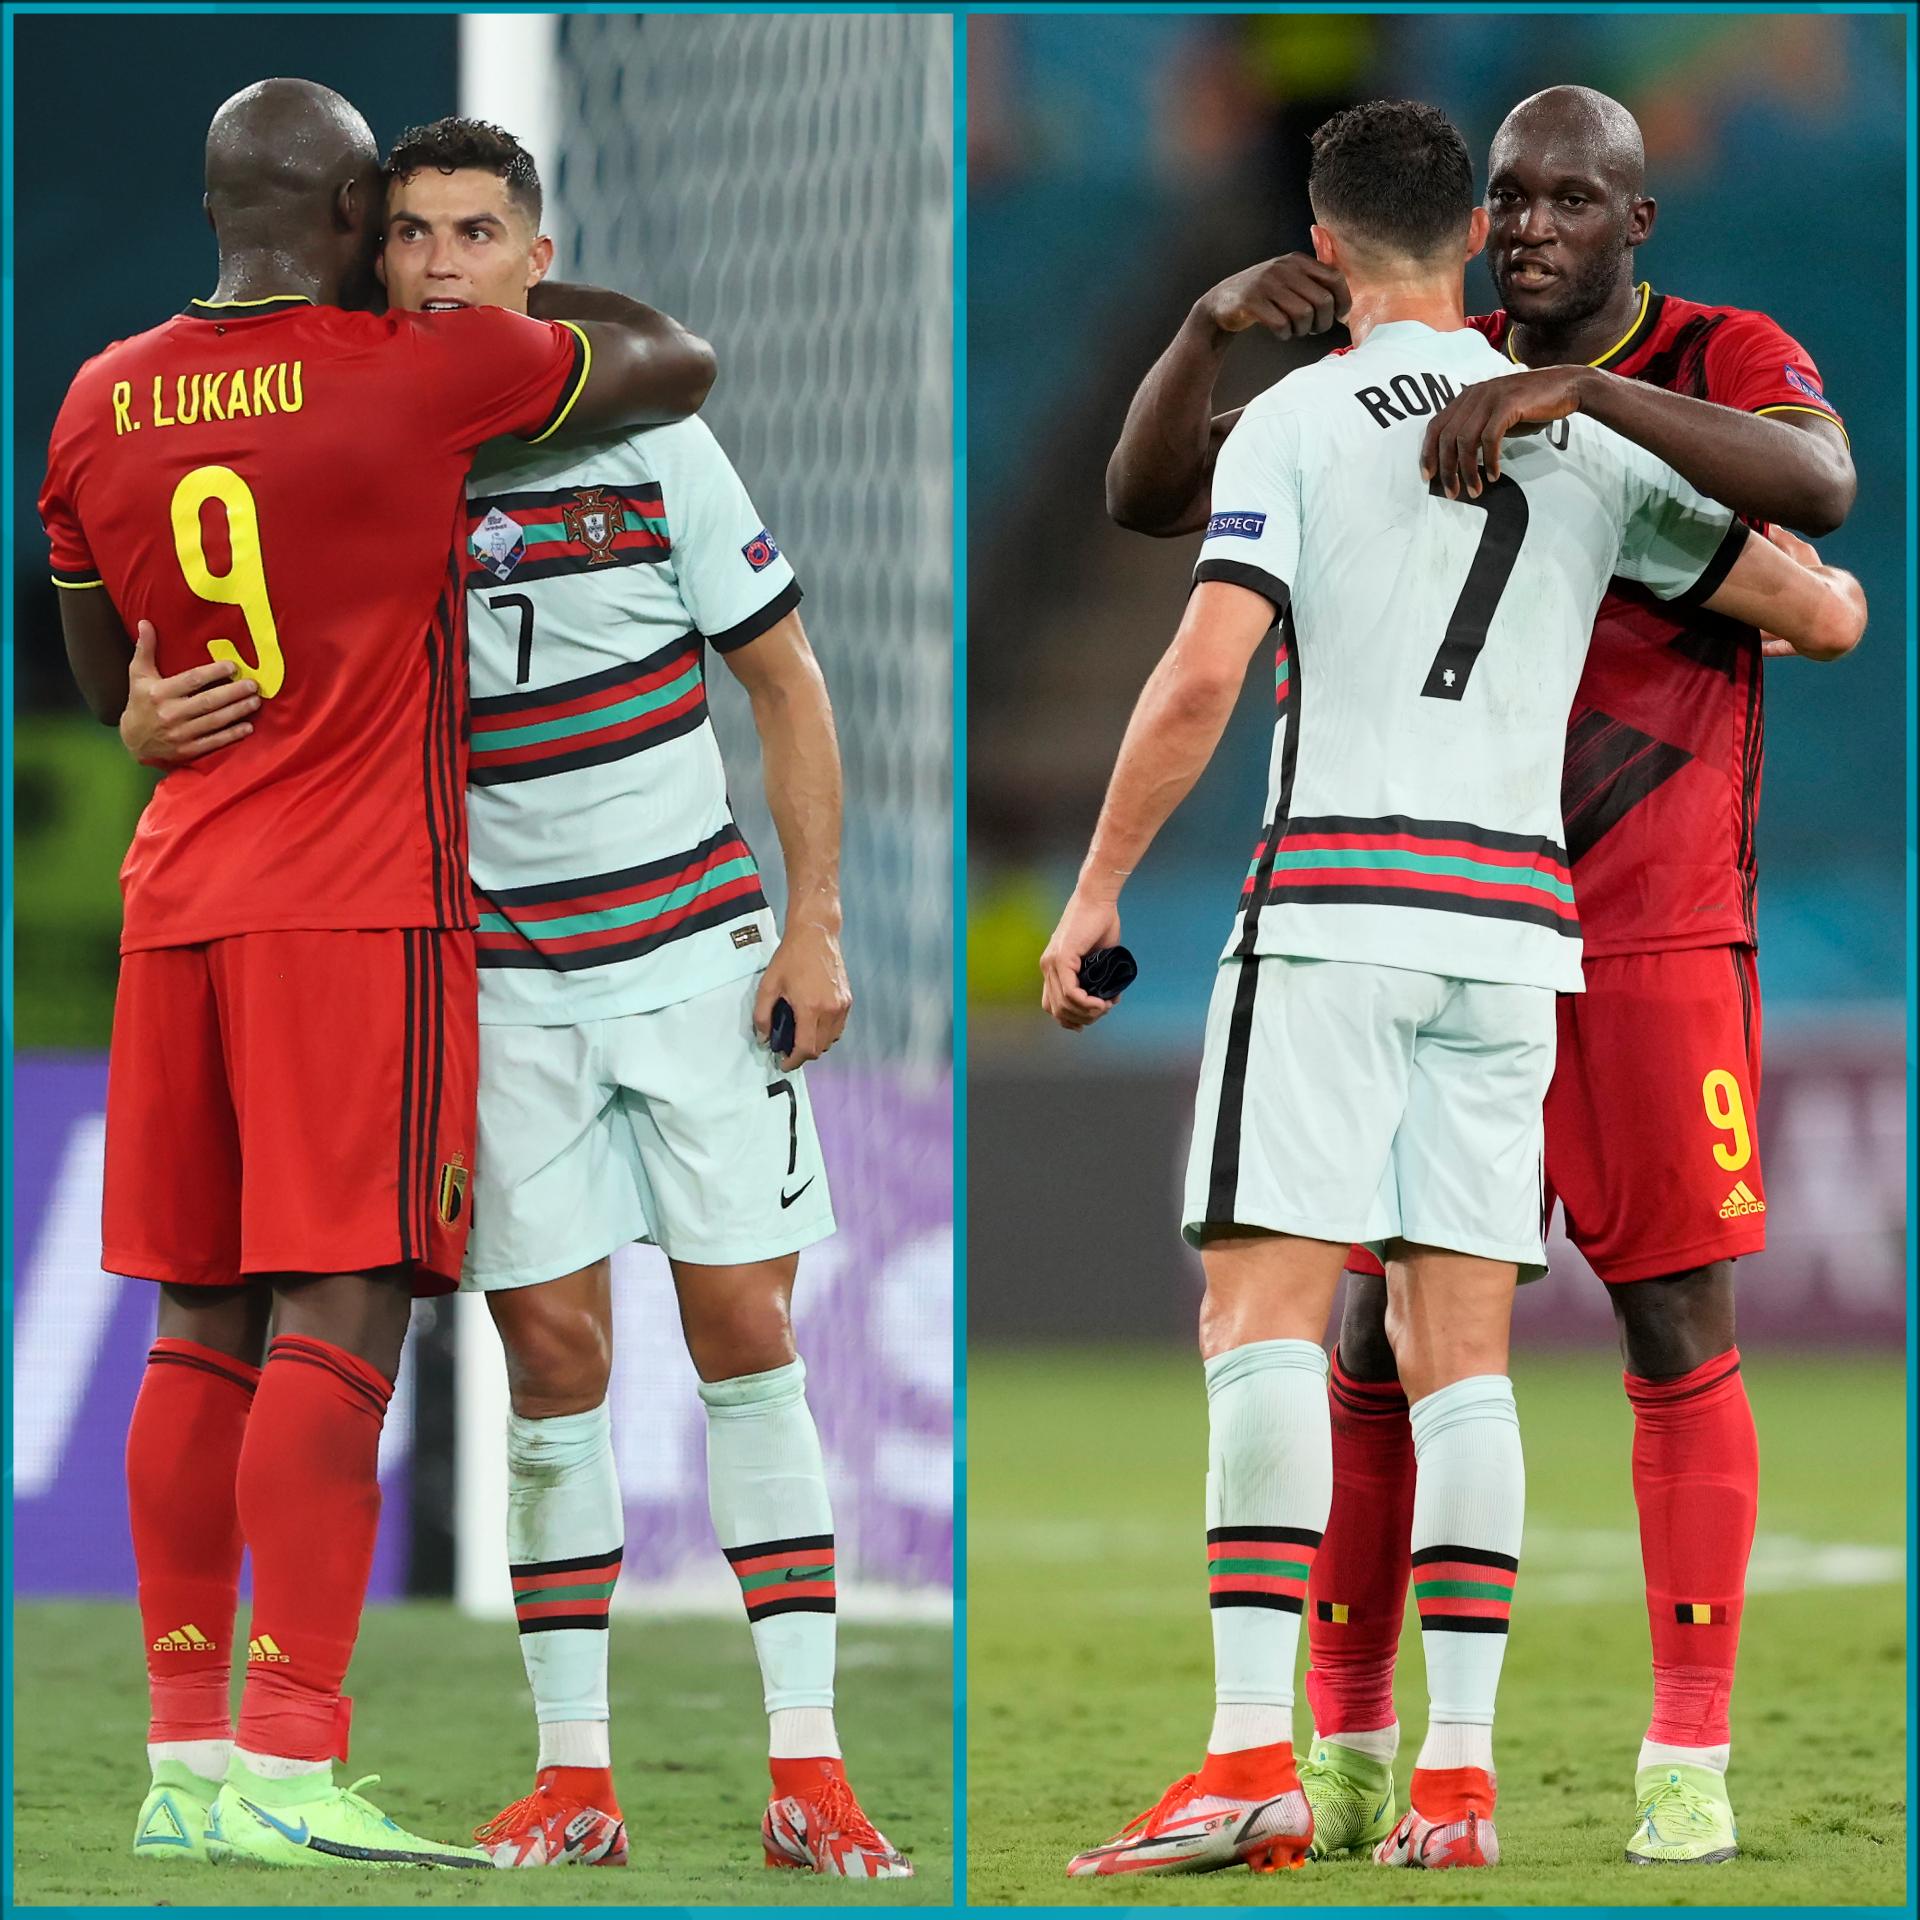 मैच के बाद बेल्जियम के रोमेलू लुकाकू ने रोनाल्डो को गले से लगा लिया।